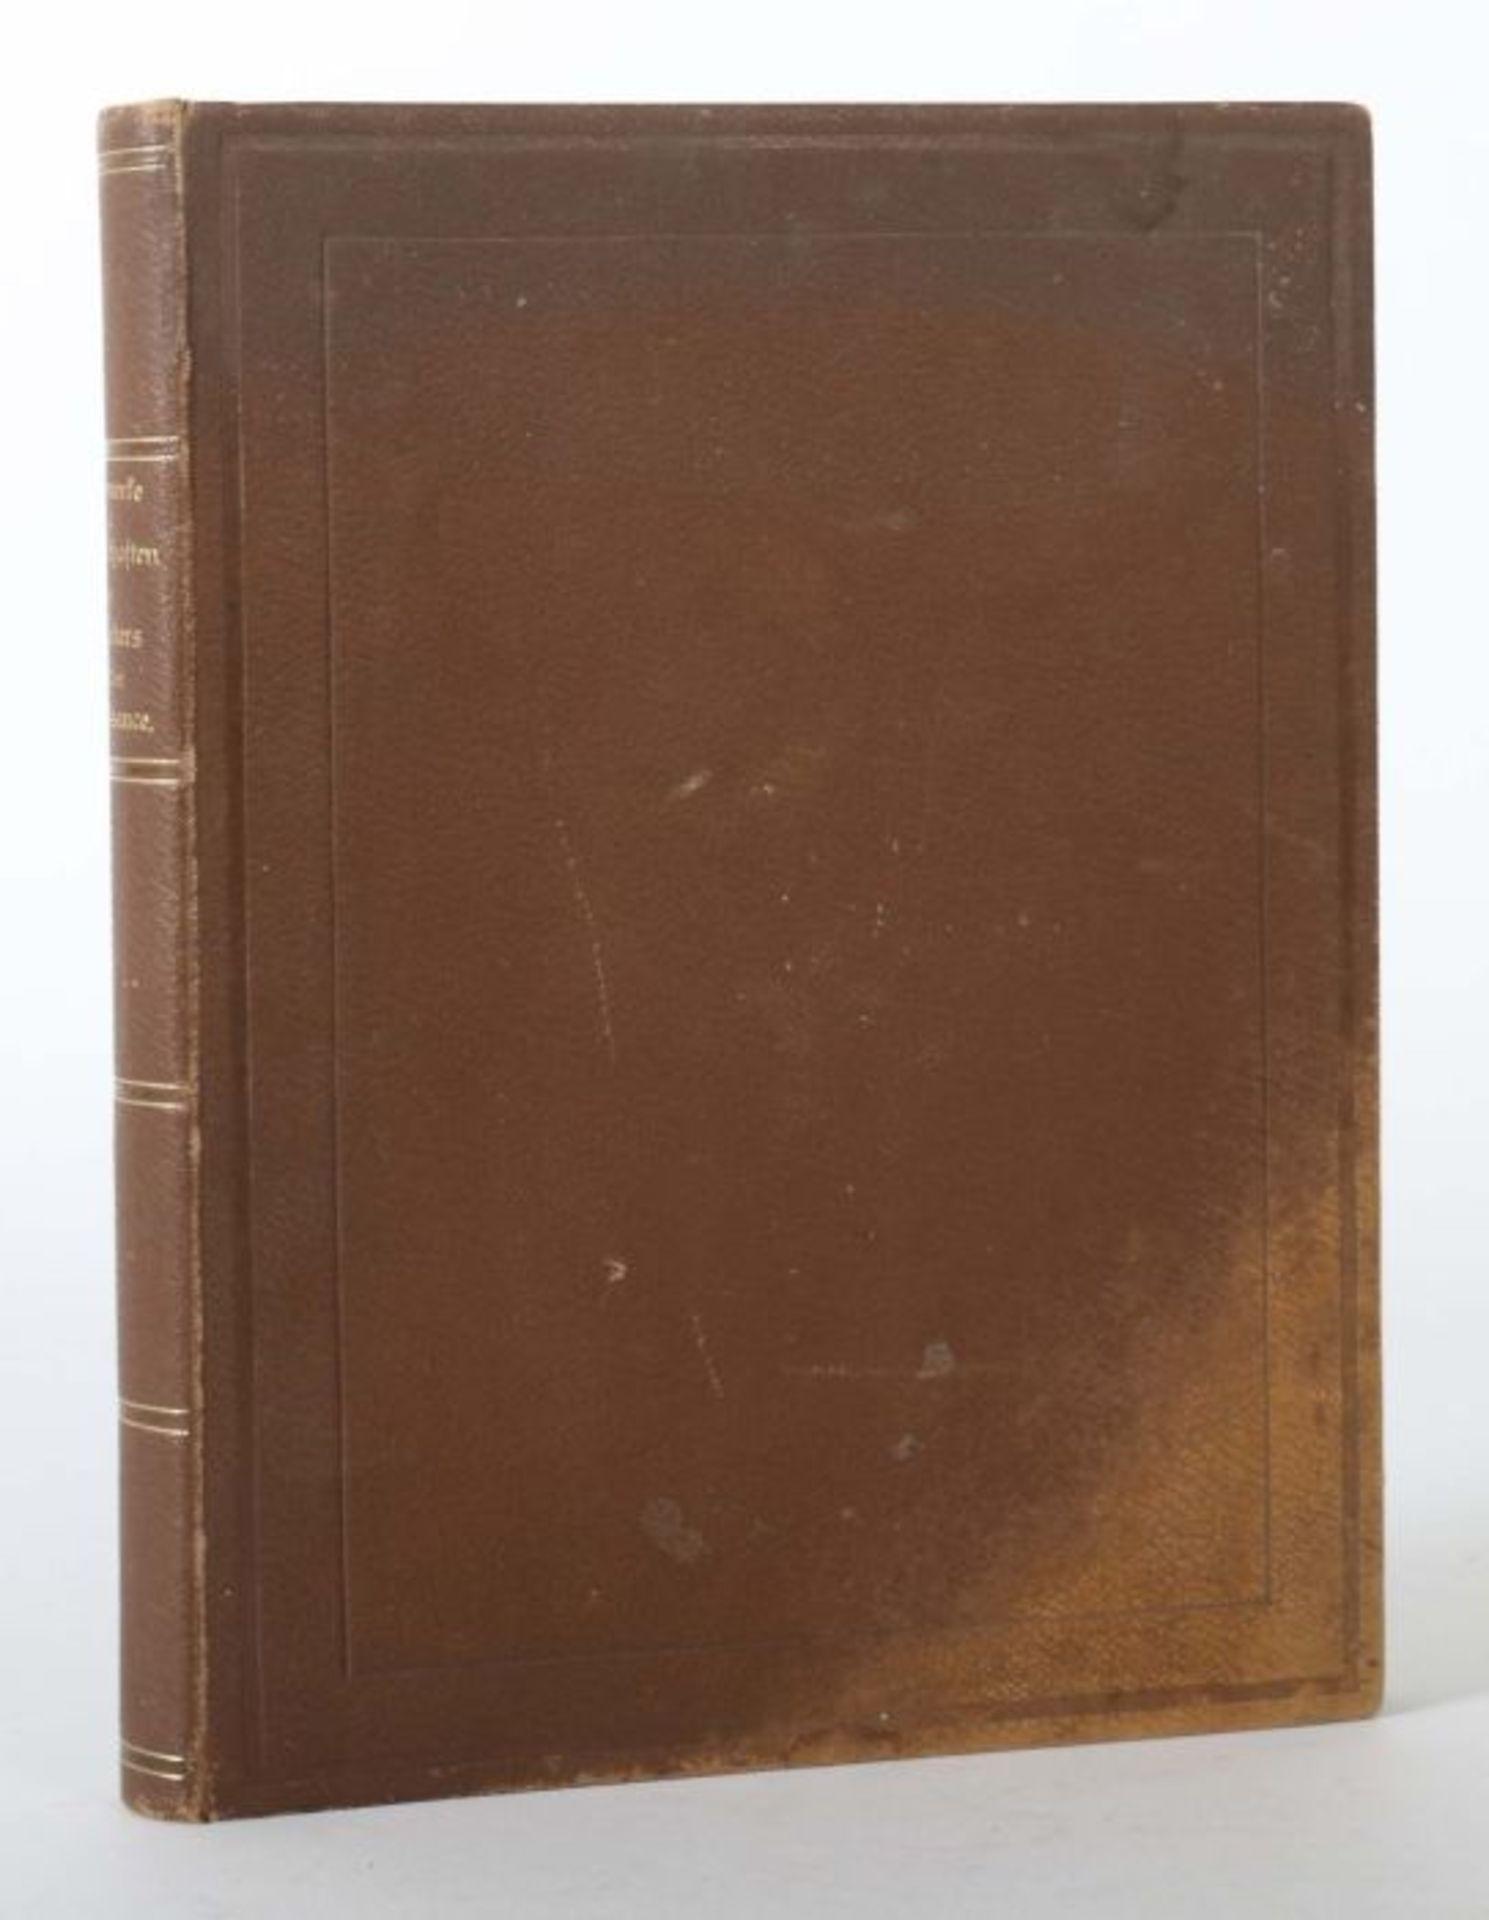 Becker, C. & Hefner, J. von (Hrsg.) Kunstwerke und Geräthschaften des Mittelalters und der - Bild 2 aus 7